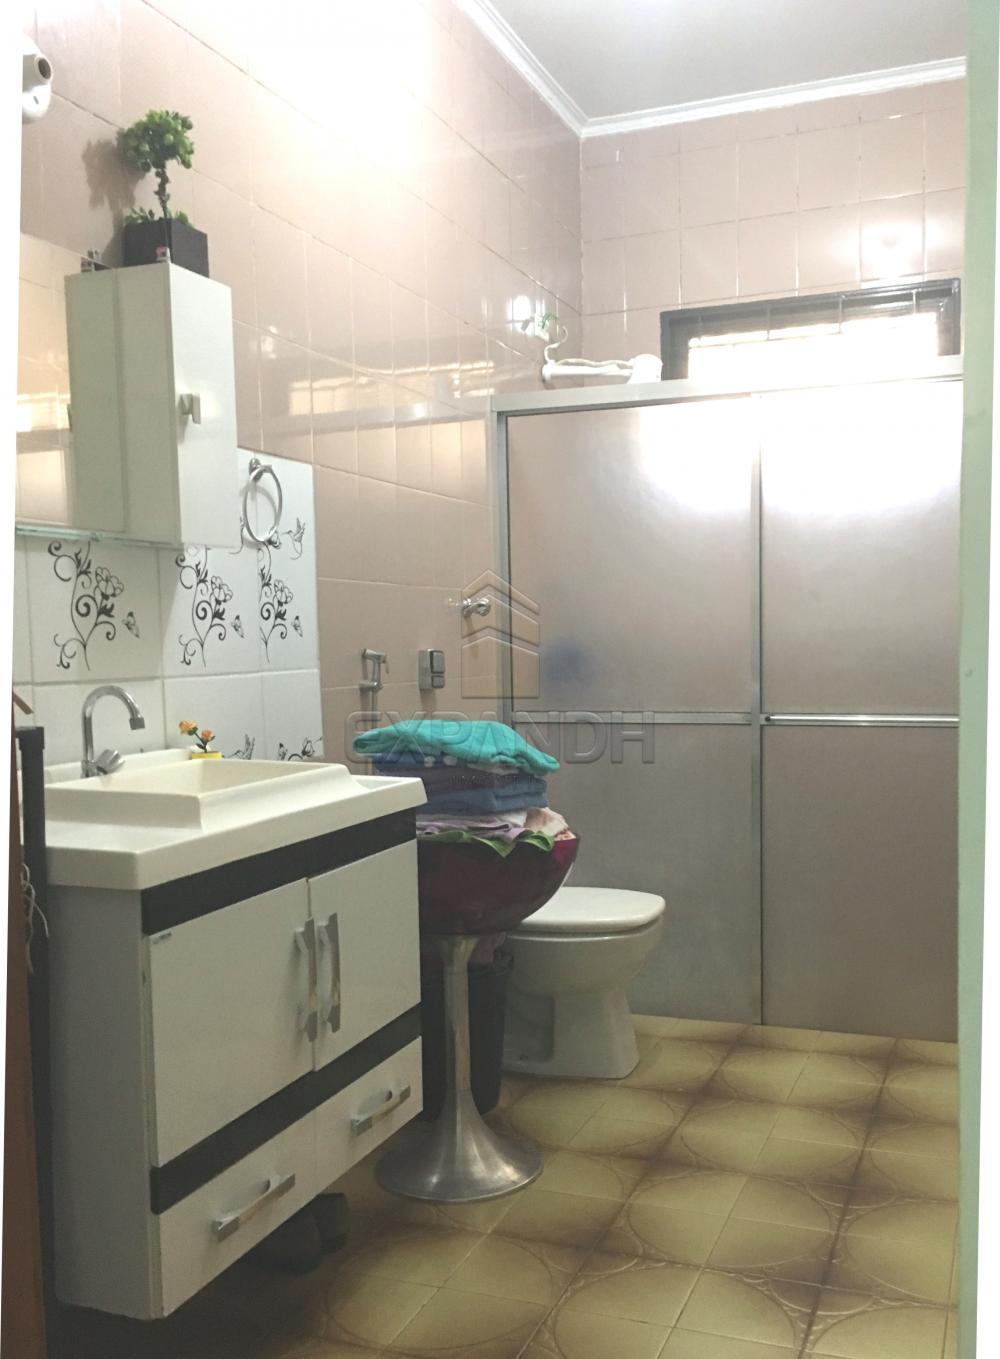 Comprar Casas / Padrão em Sertãozinho R$ 410.000,00 - Foto 15